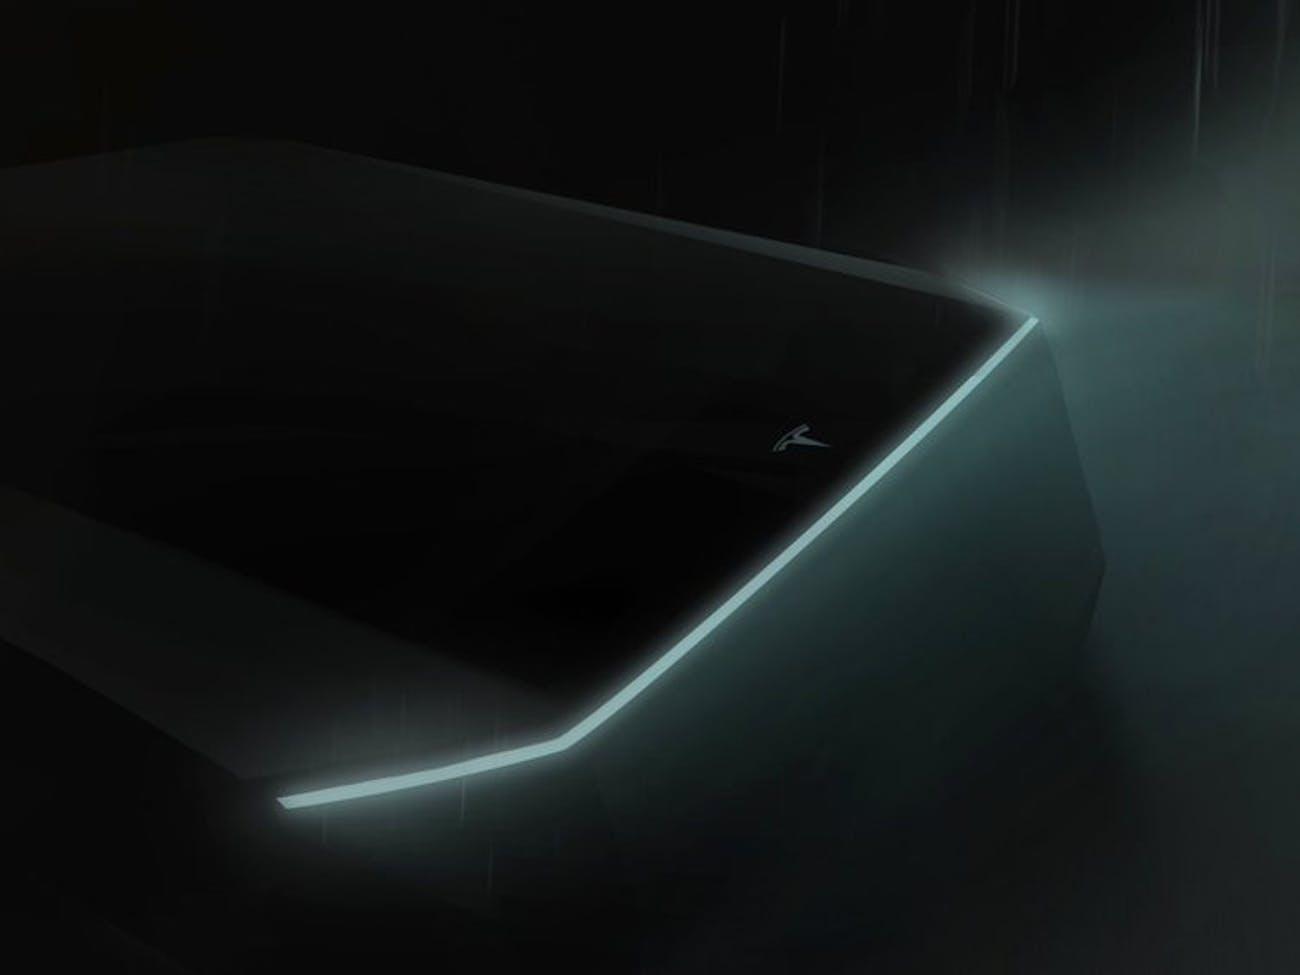 特斯拉最靓的车将上市:科技圈热盼 华尔街冷眼相待